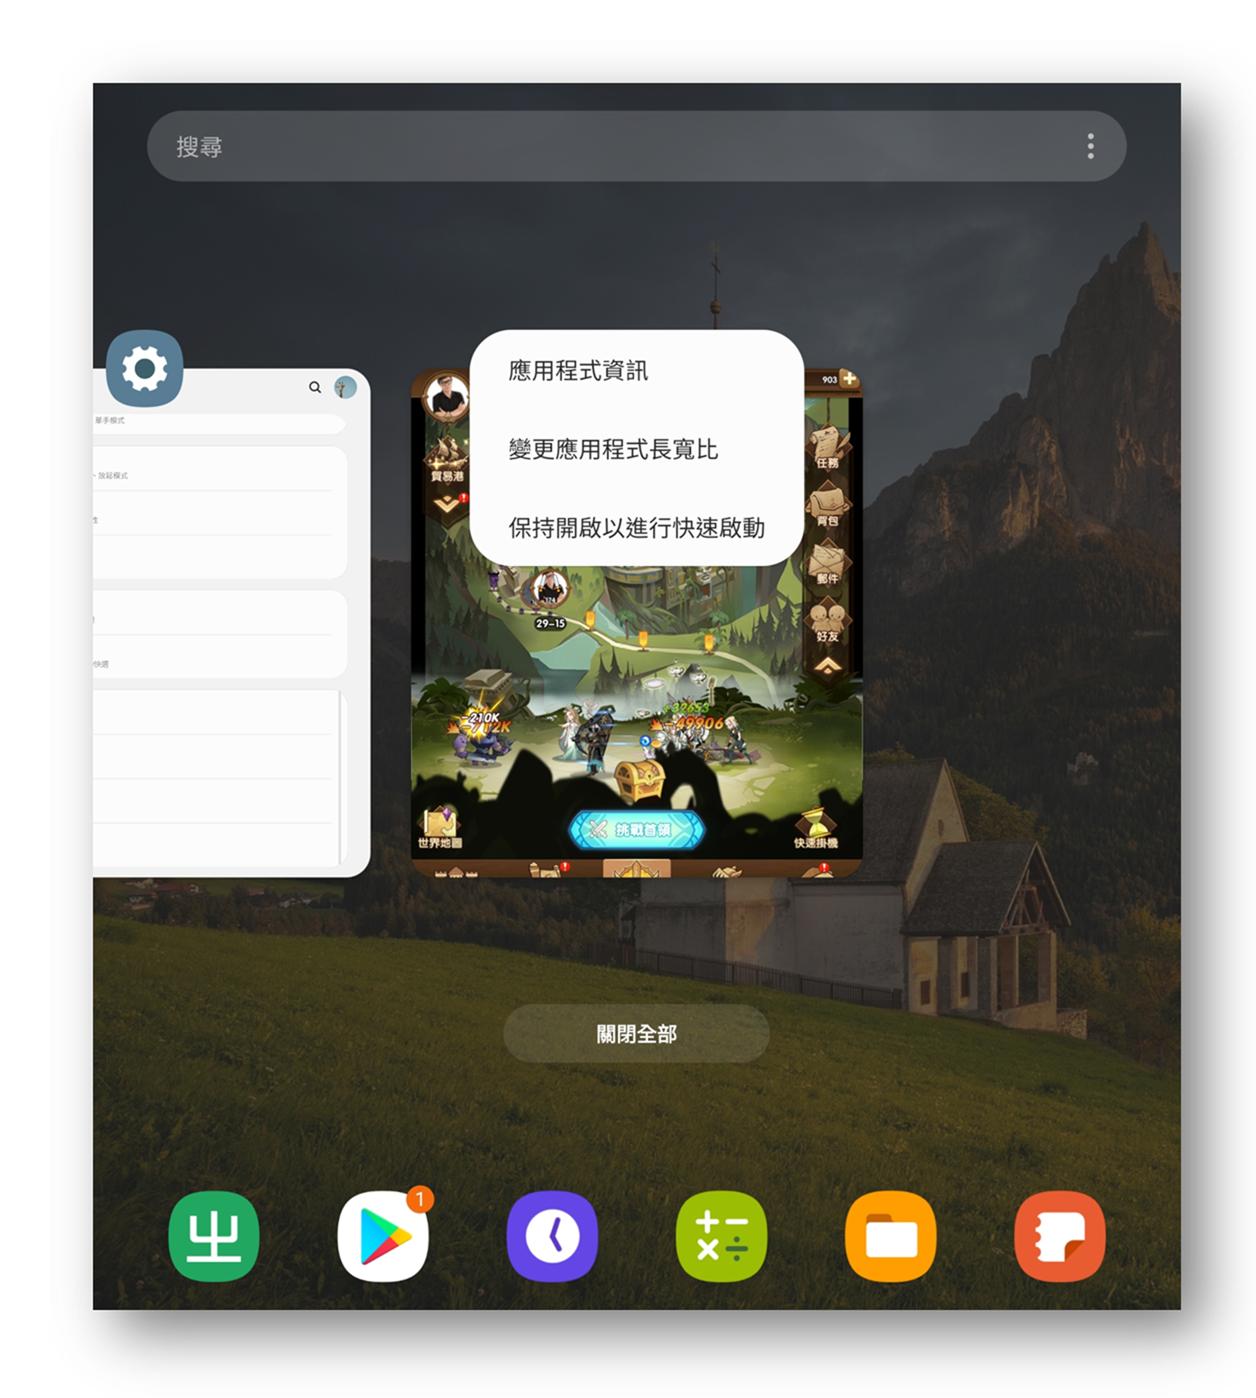 讓三星 Galaxy Z Fold 2 真正更好用!任意程式支援雙視窗 / 自由調整浮動視窗大小 @3C 達人廖阿輝